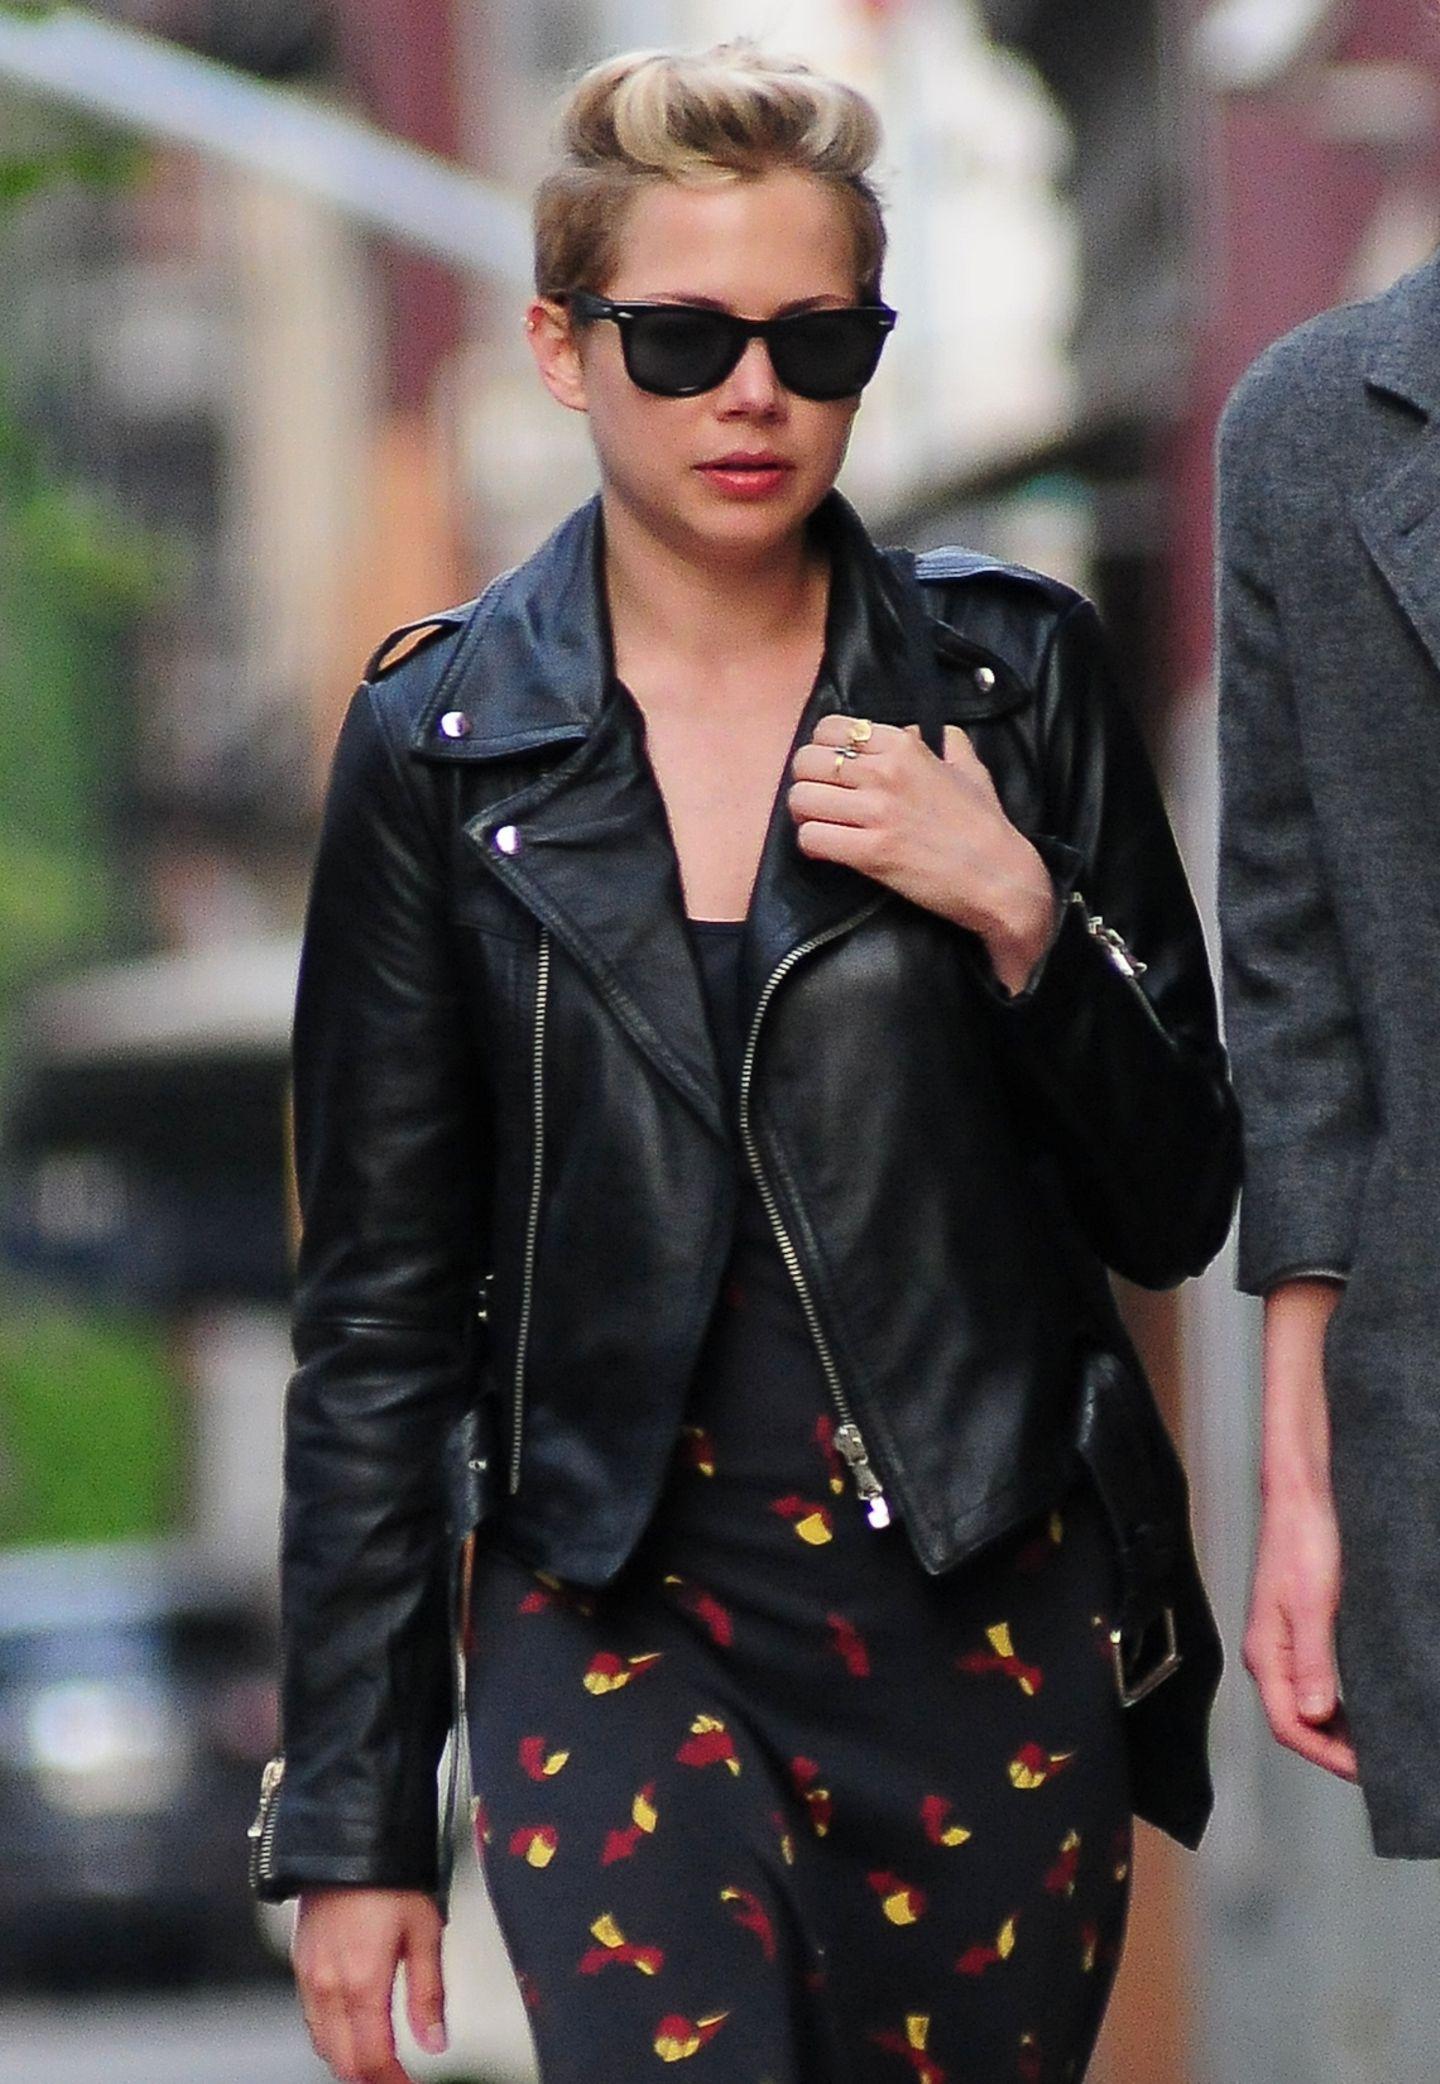 Mit einer klassischen Biker-Lederjacke zieht Michelle Williams ganz cool durch New York.